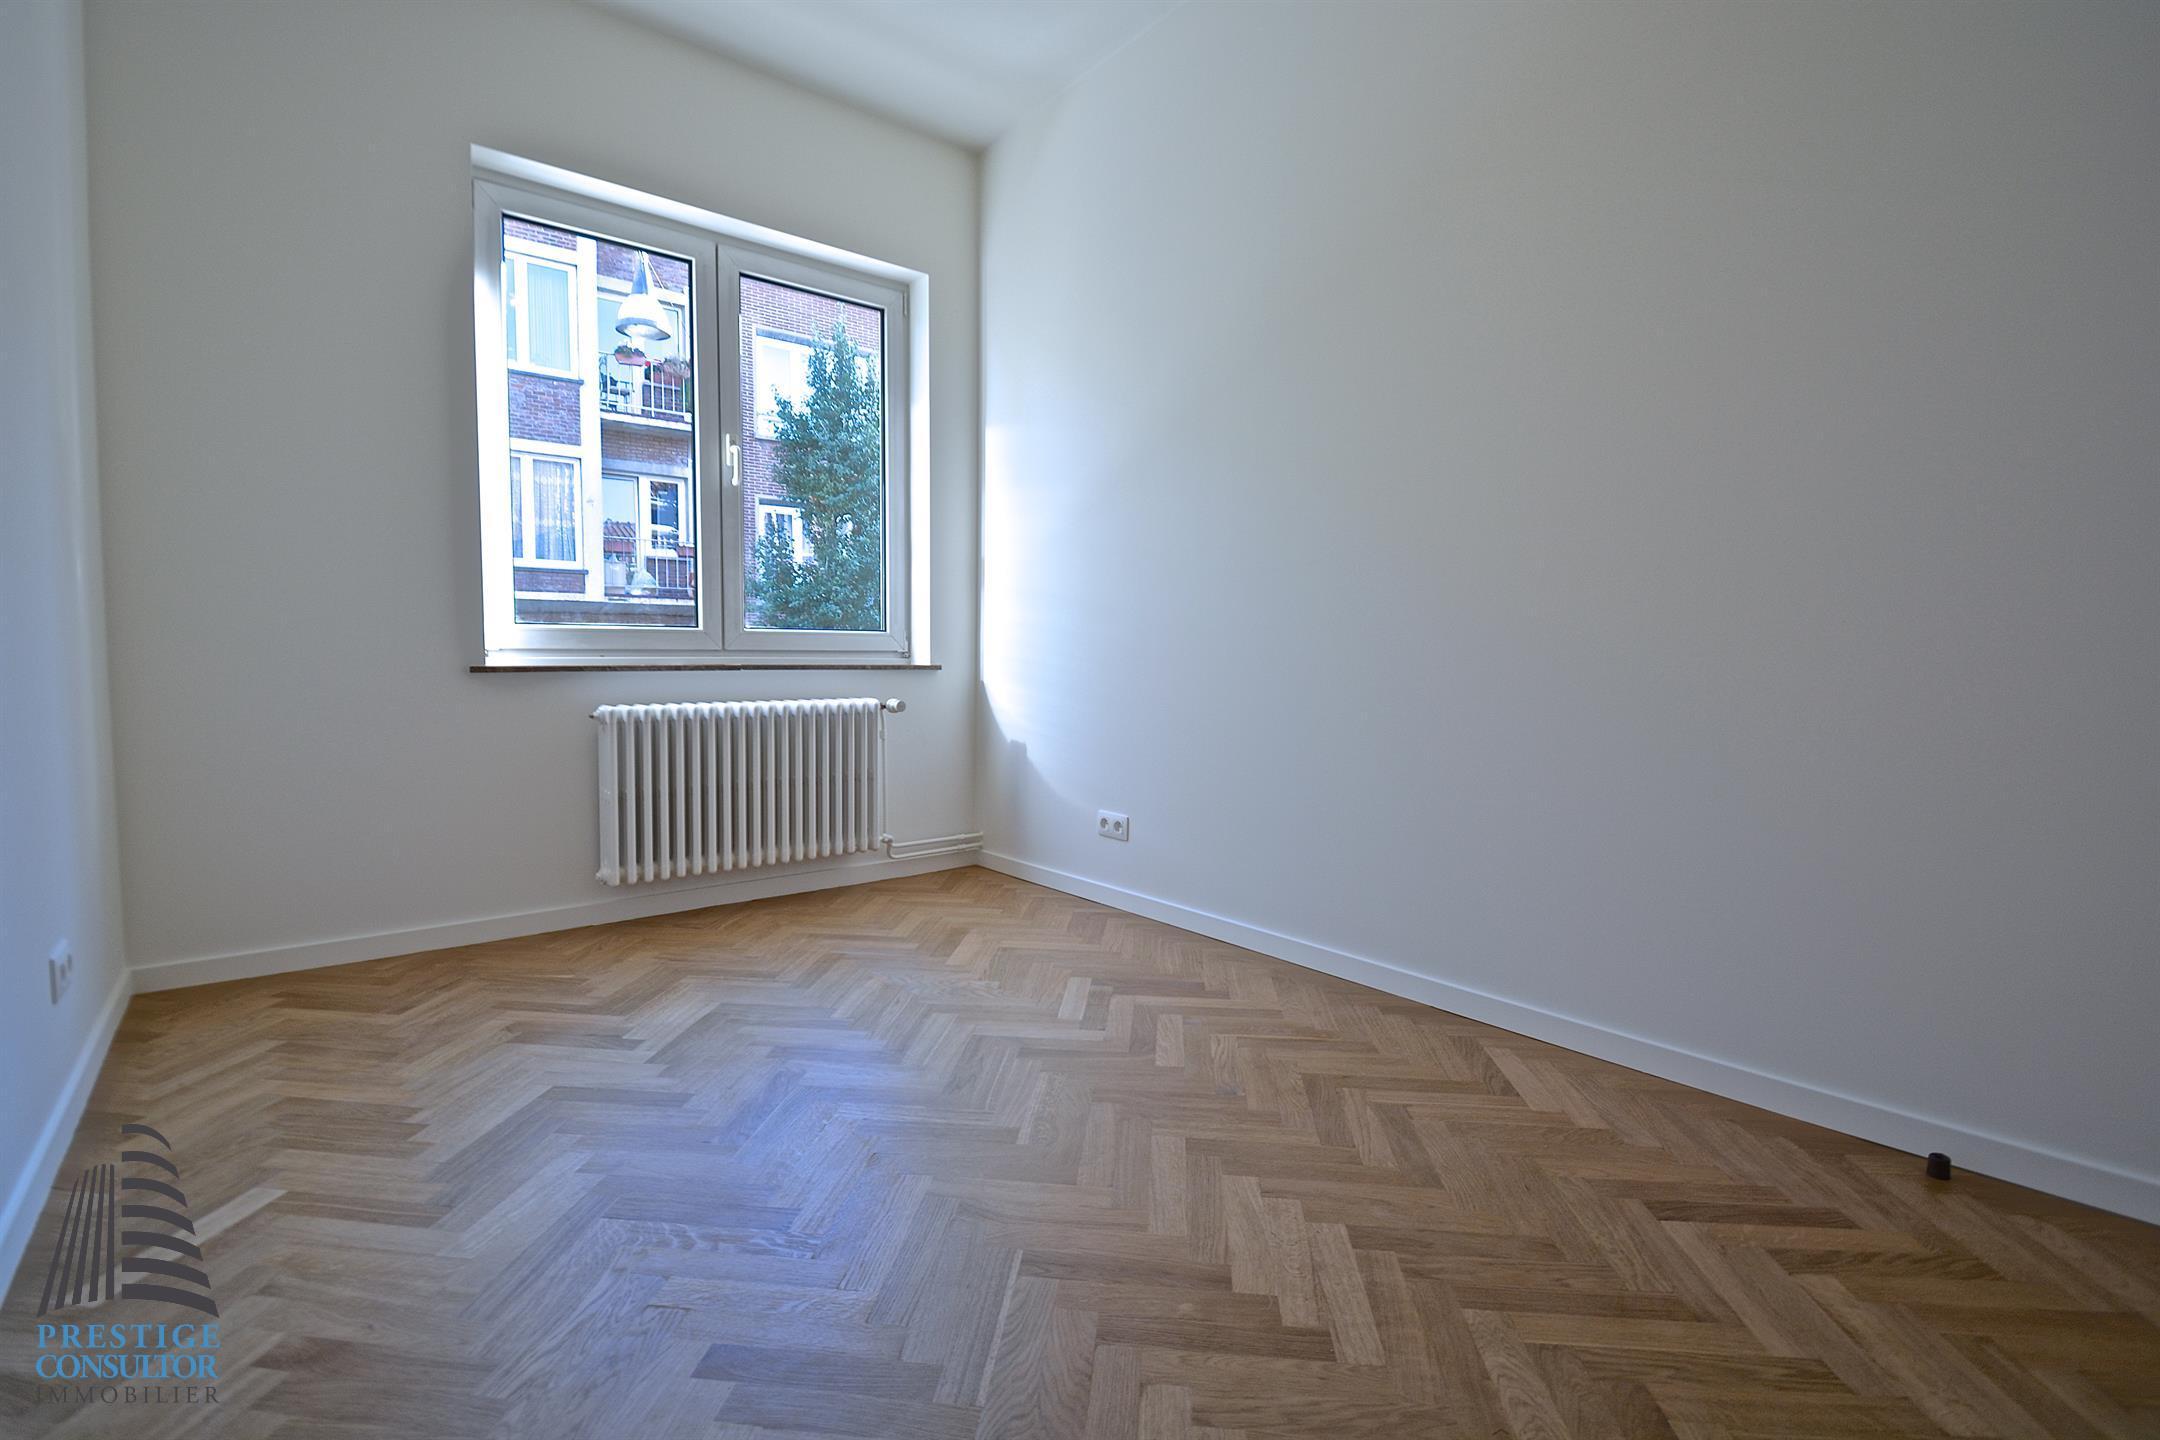 Appartement avec jardin - Anderlecht - #4516225-2